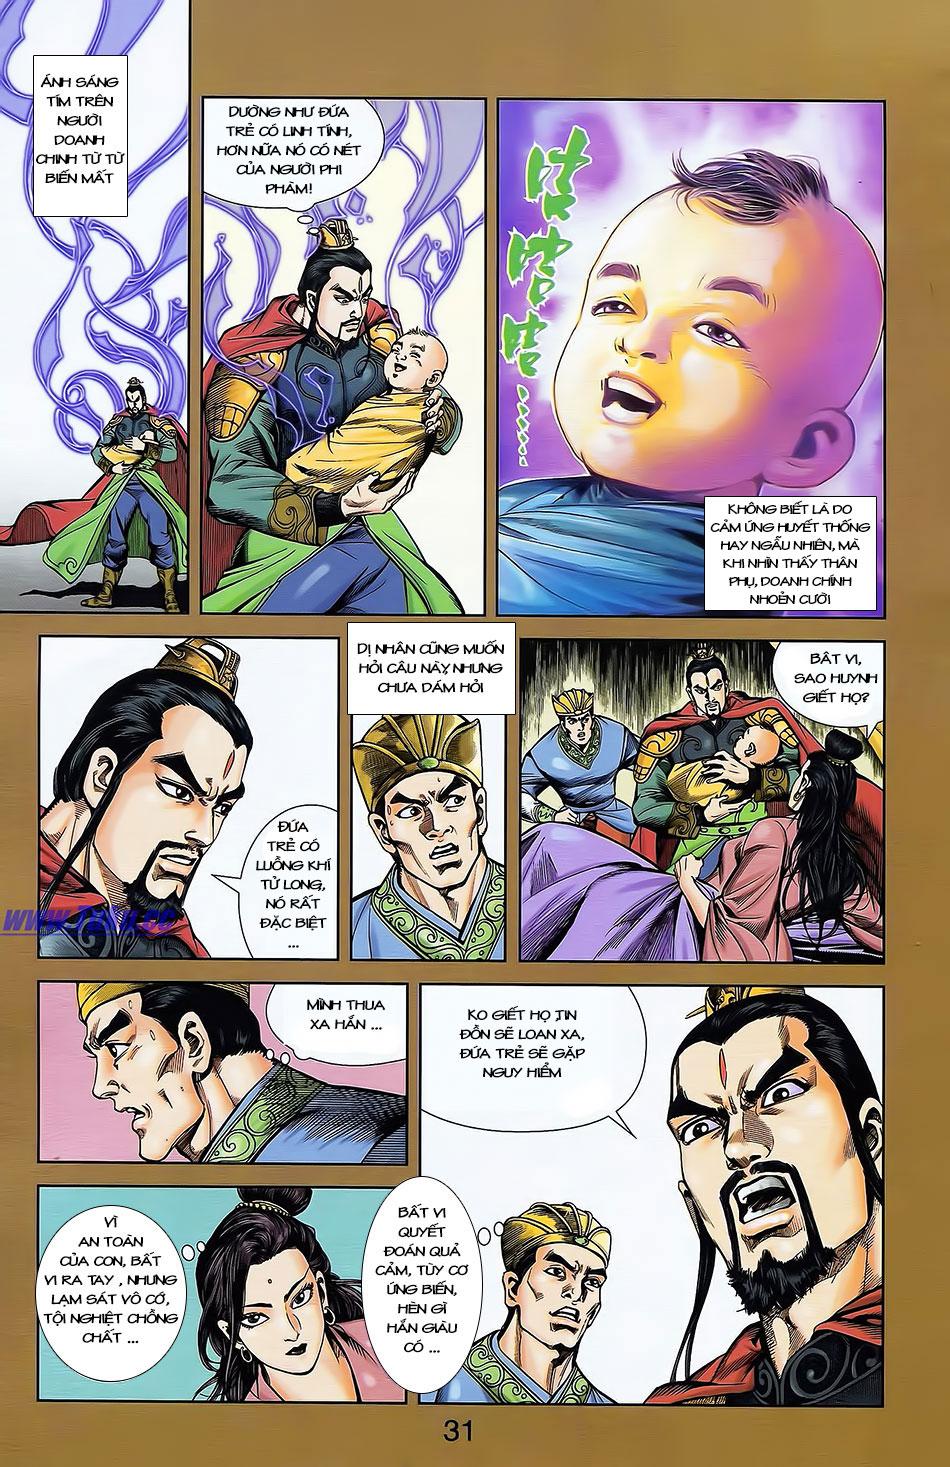 Tần Vương Doanh Chính chapter 4 trang 3